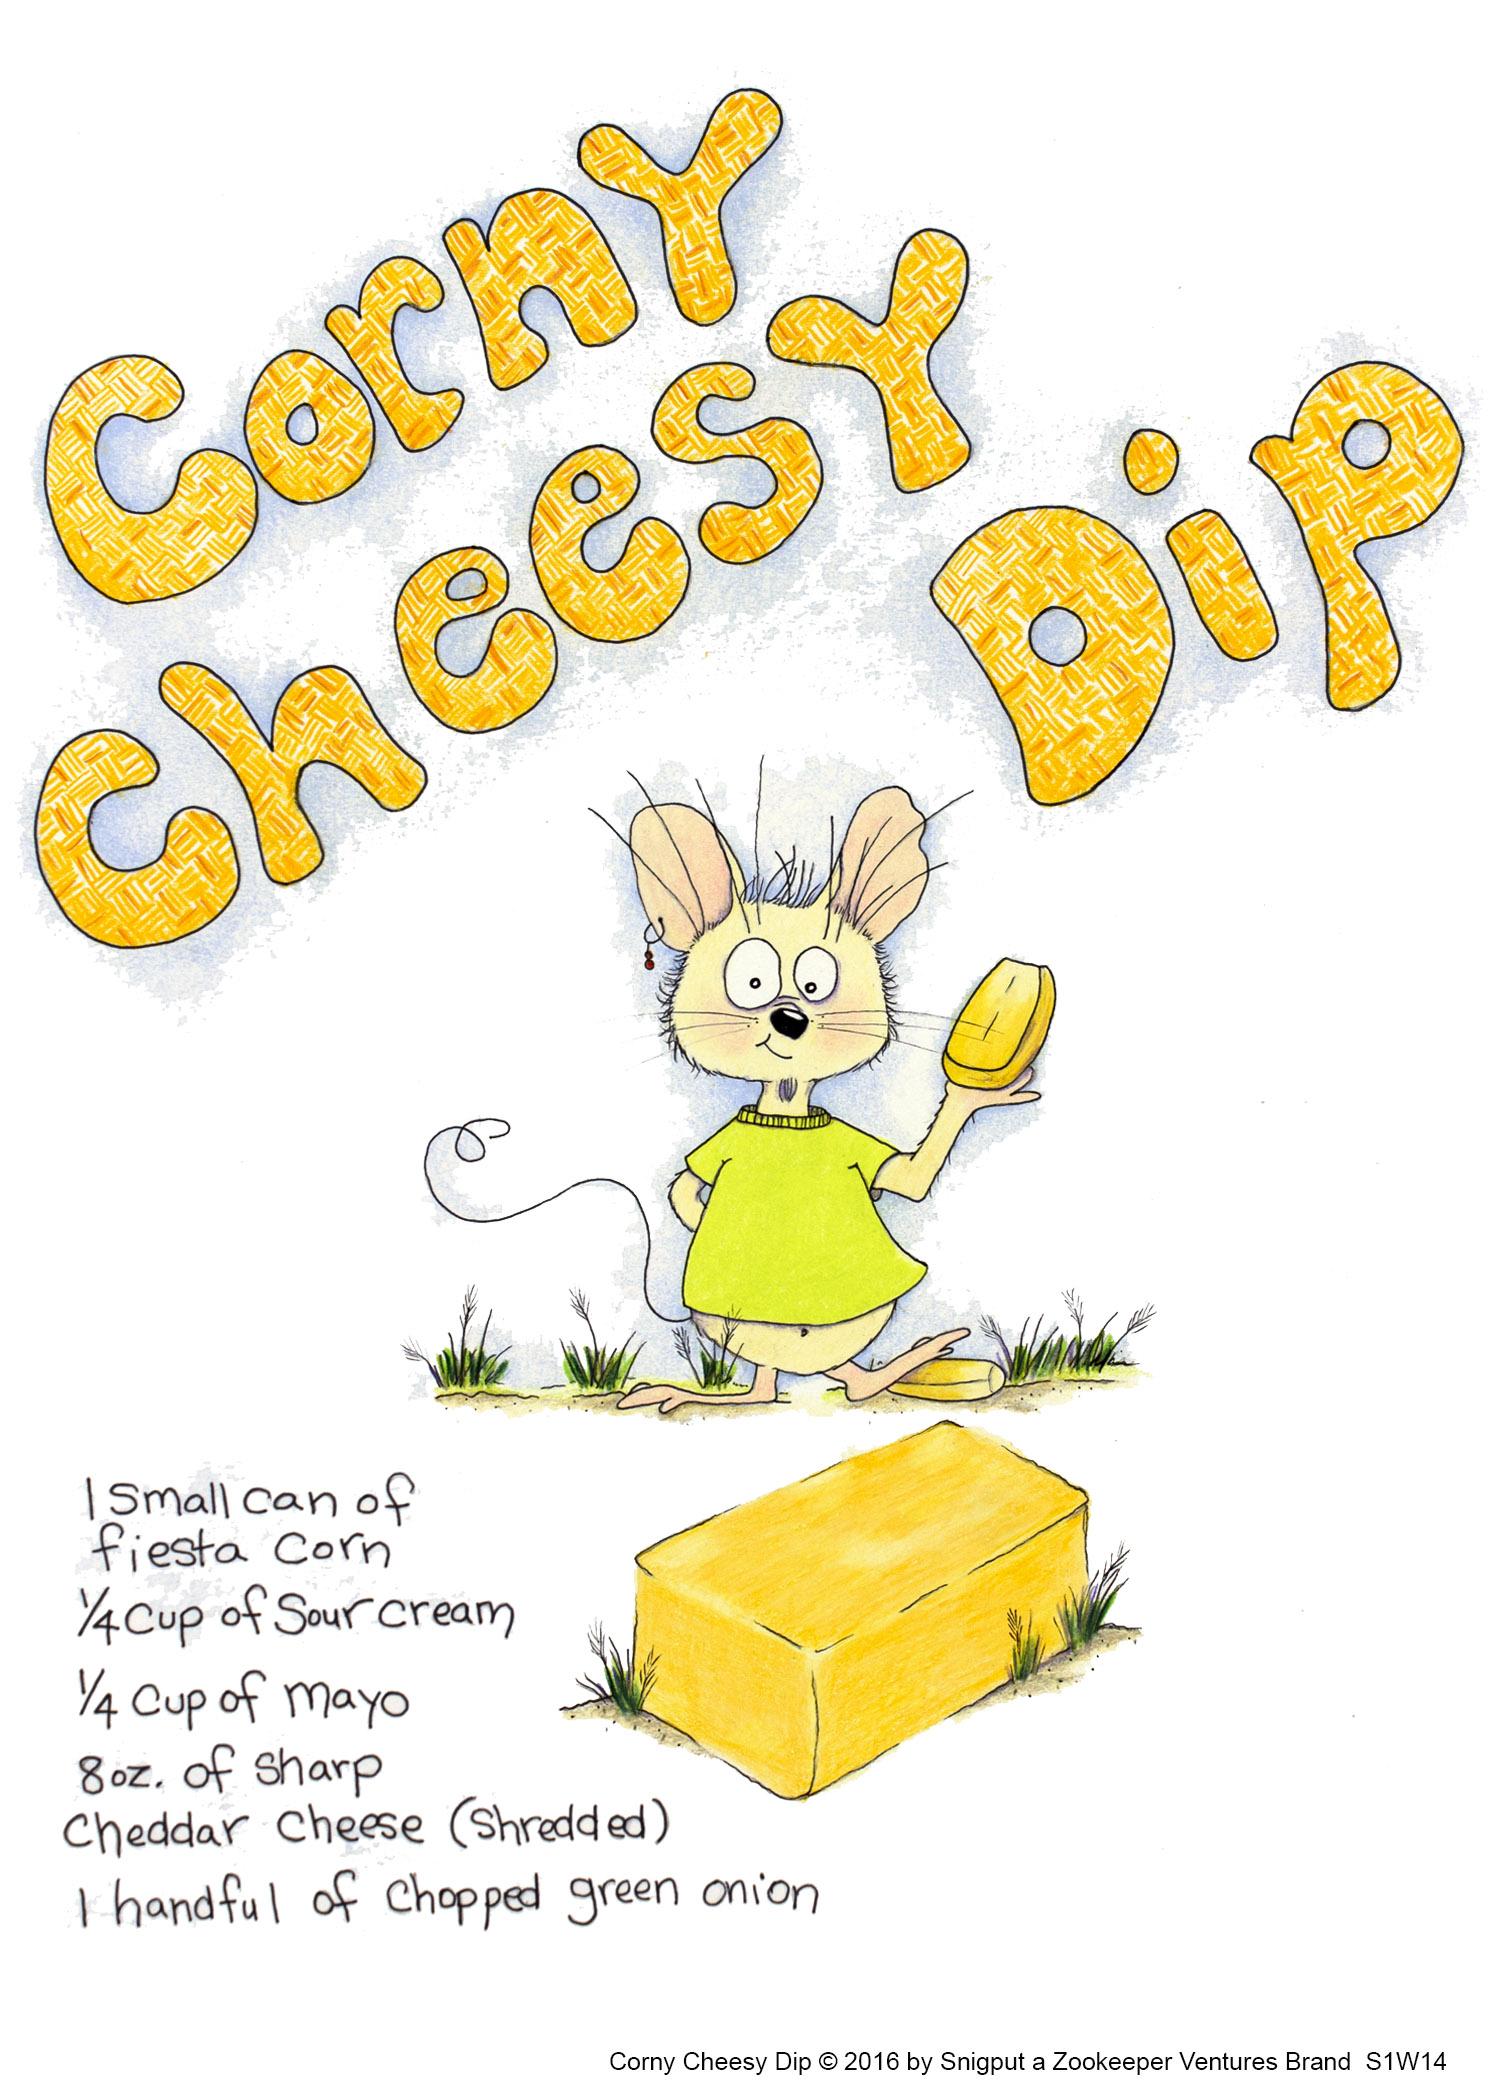 Corny Cheesy Dip